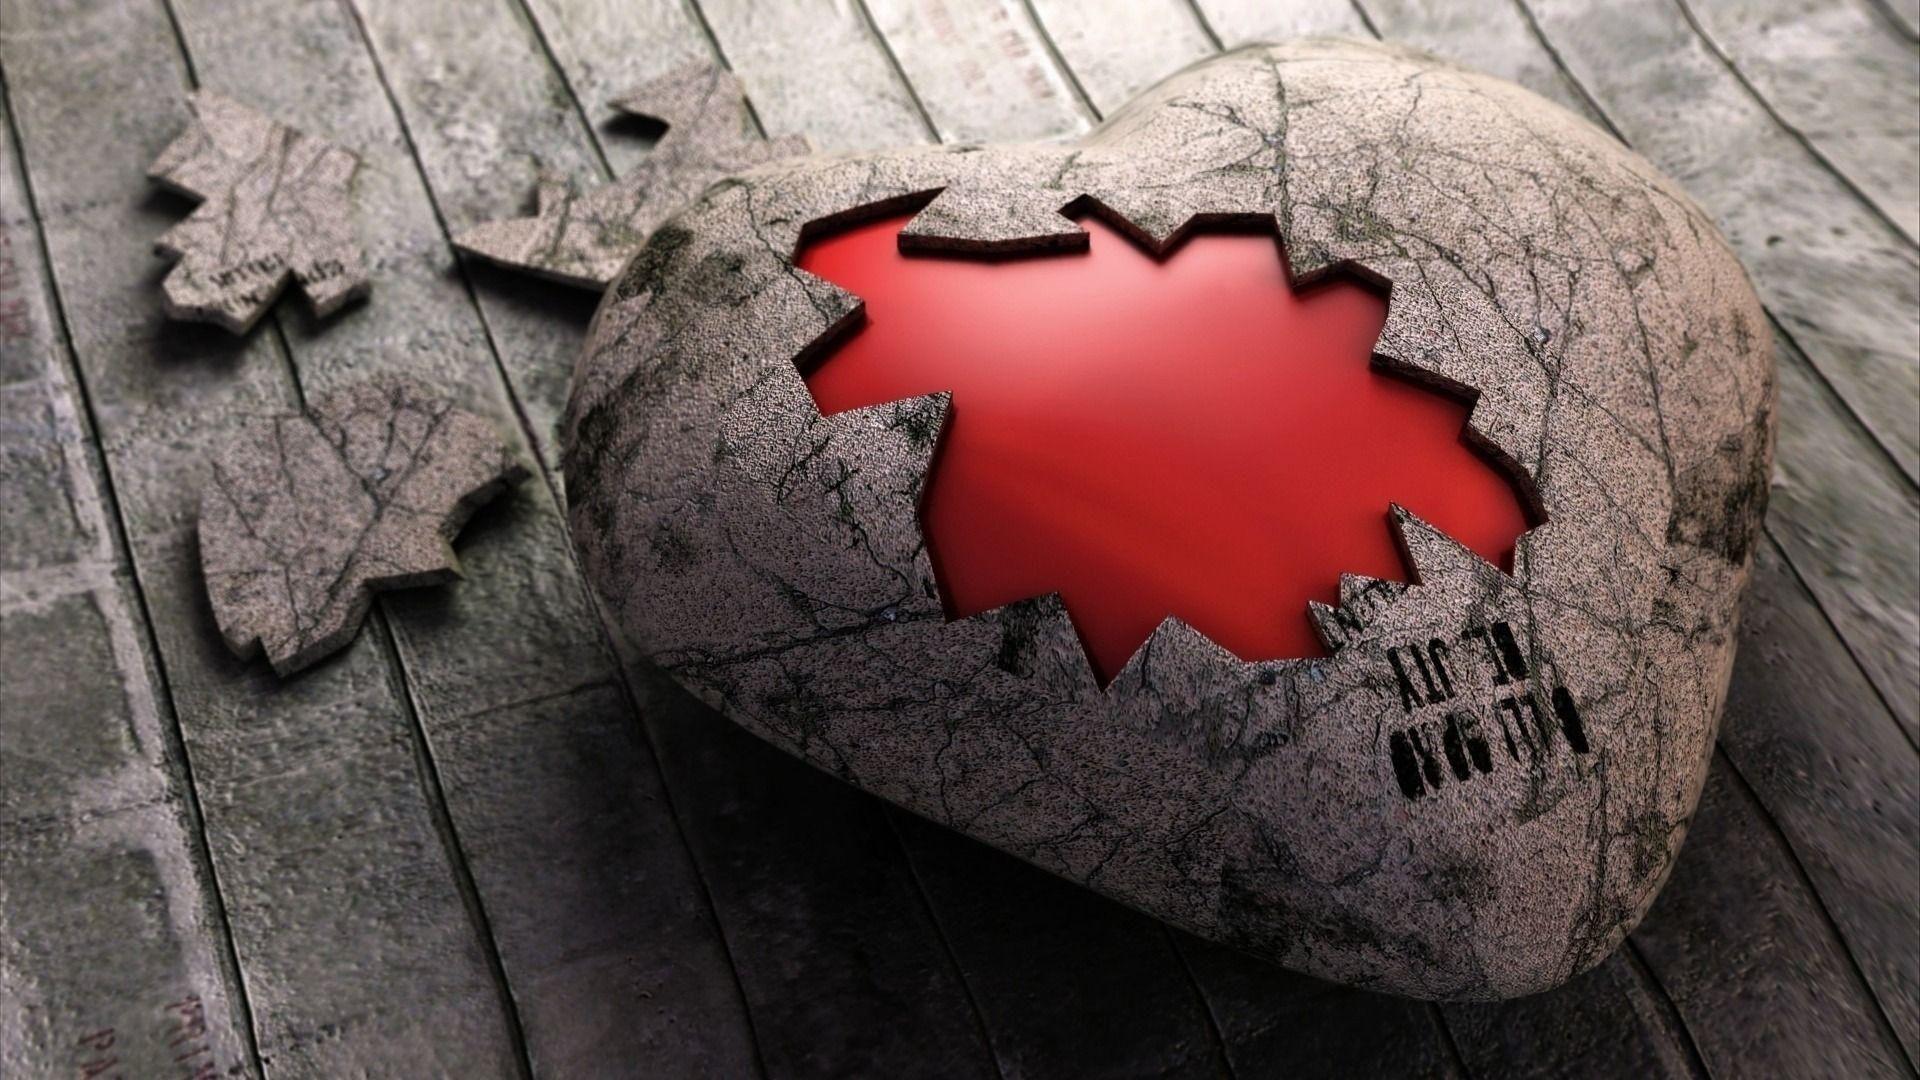 30+ Hình nền trái tim tan vỡ rỉ máu đẹp mê ly